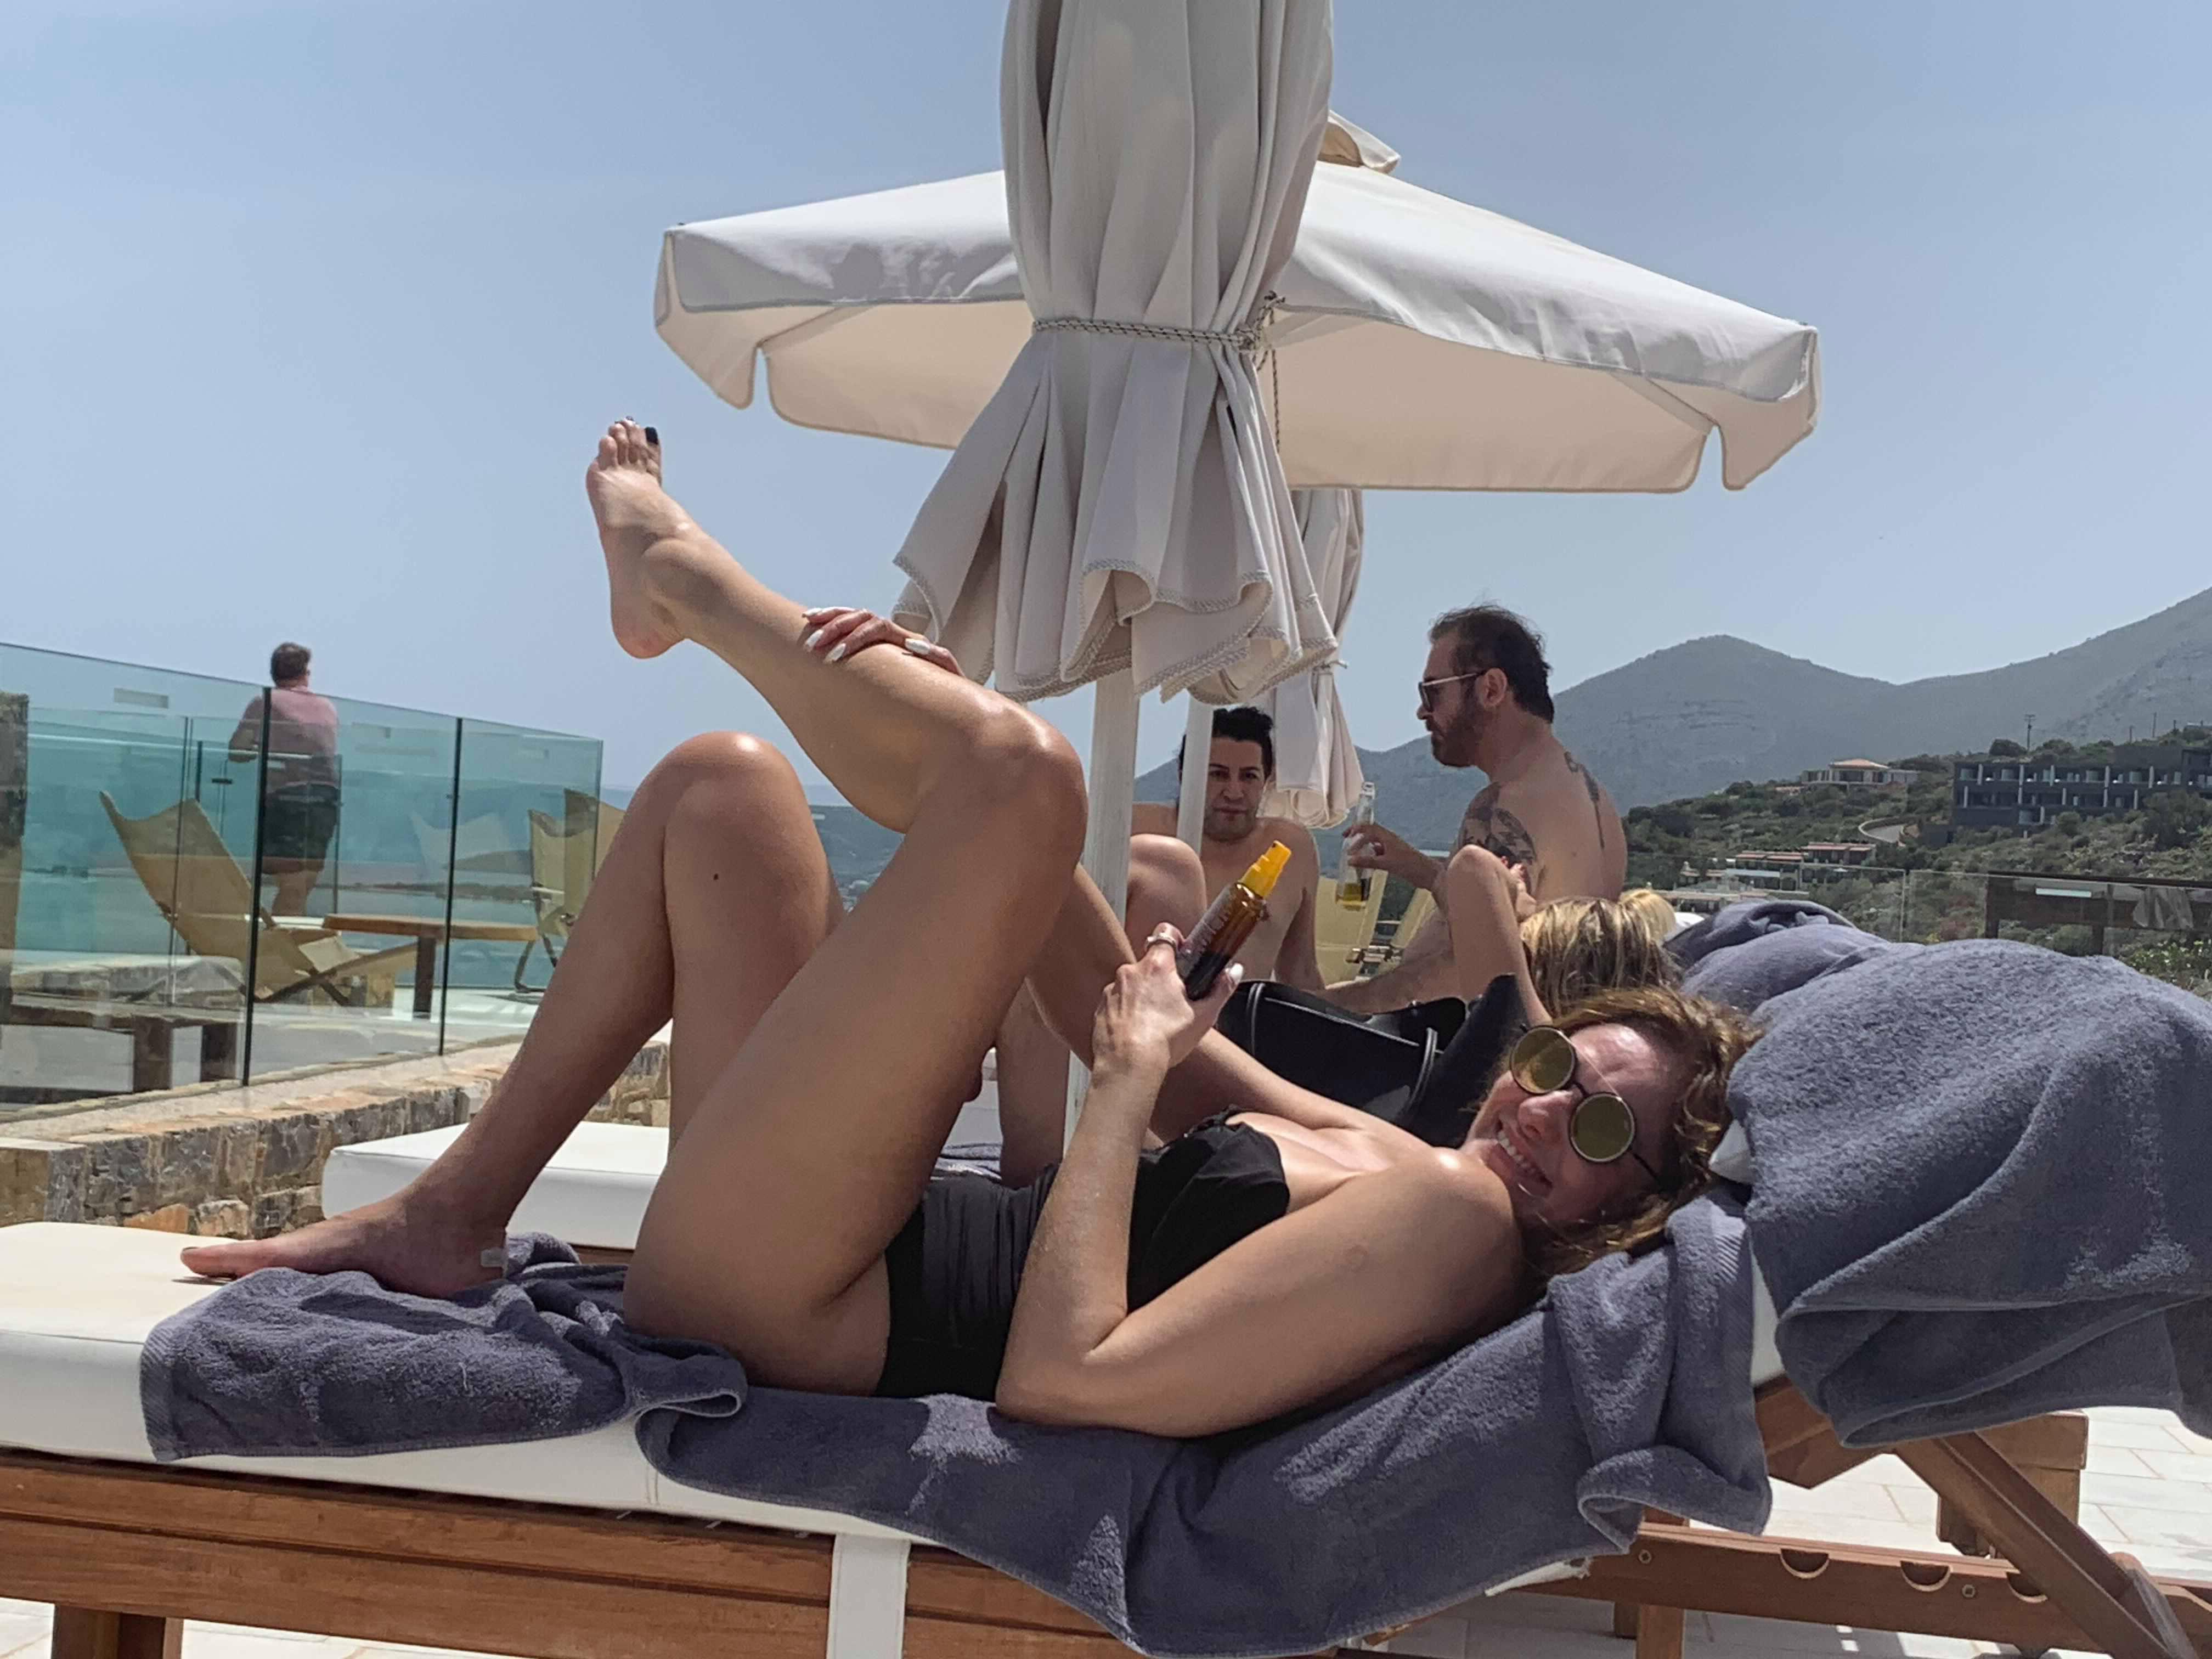 H Βίκυ Κουλιανού ποζάρει χαμογελαστή στην πισίνα στο Ελούντα